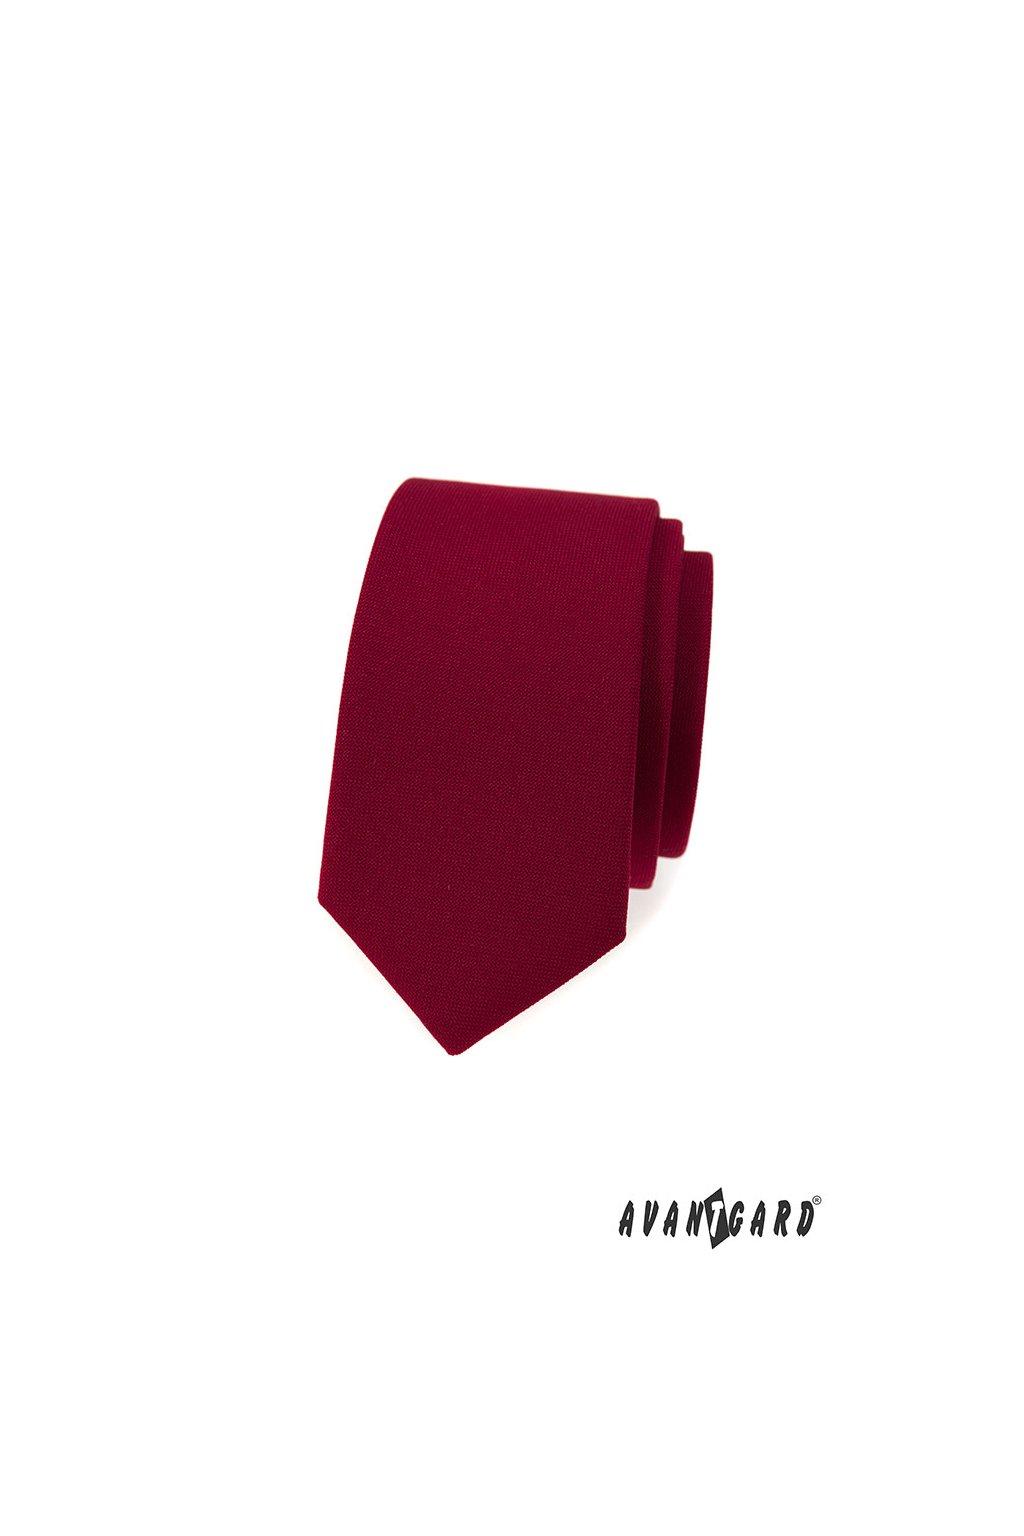 Bordó luxusní úzká kravata 571 - 9853